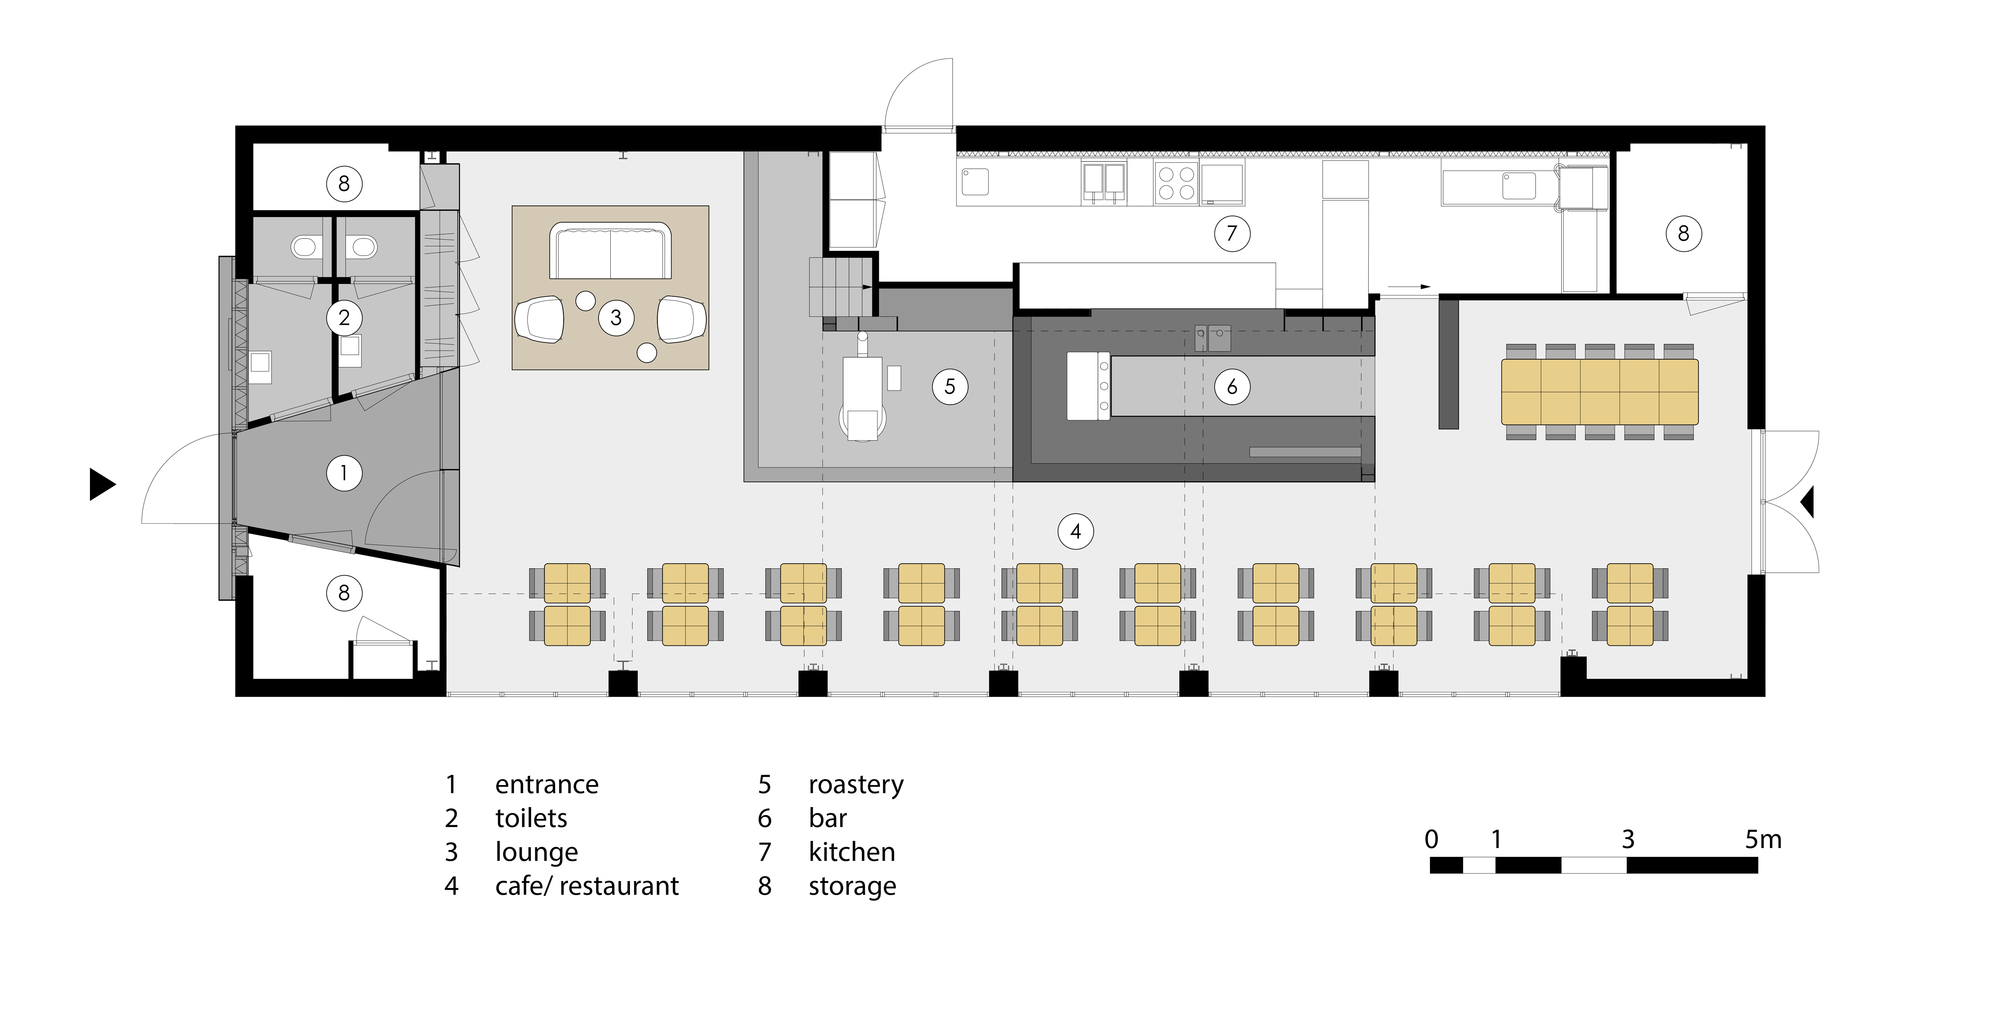 gallery of capriole caf bureau fraai 18. Black Bedroom Furniture Sets. Home Design Ideas